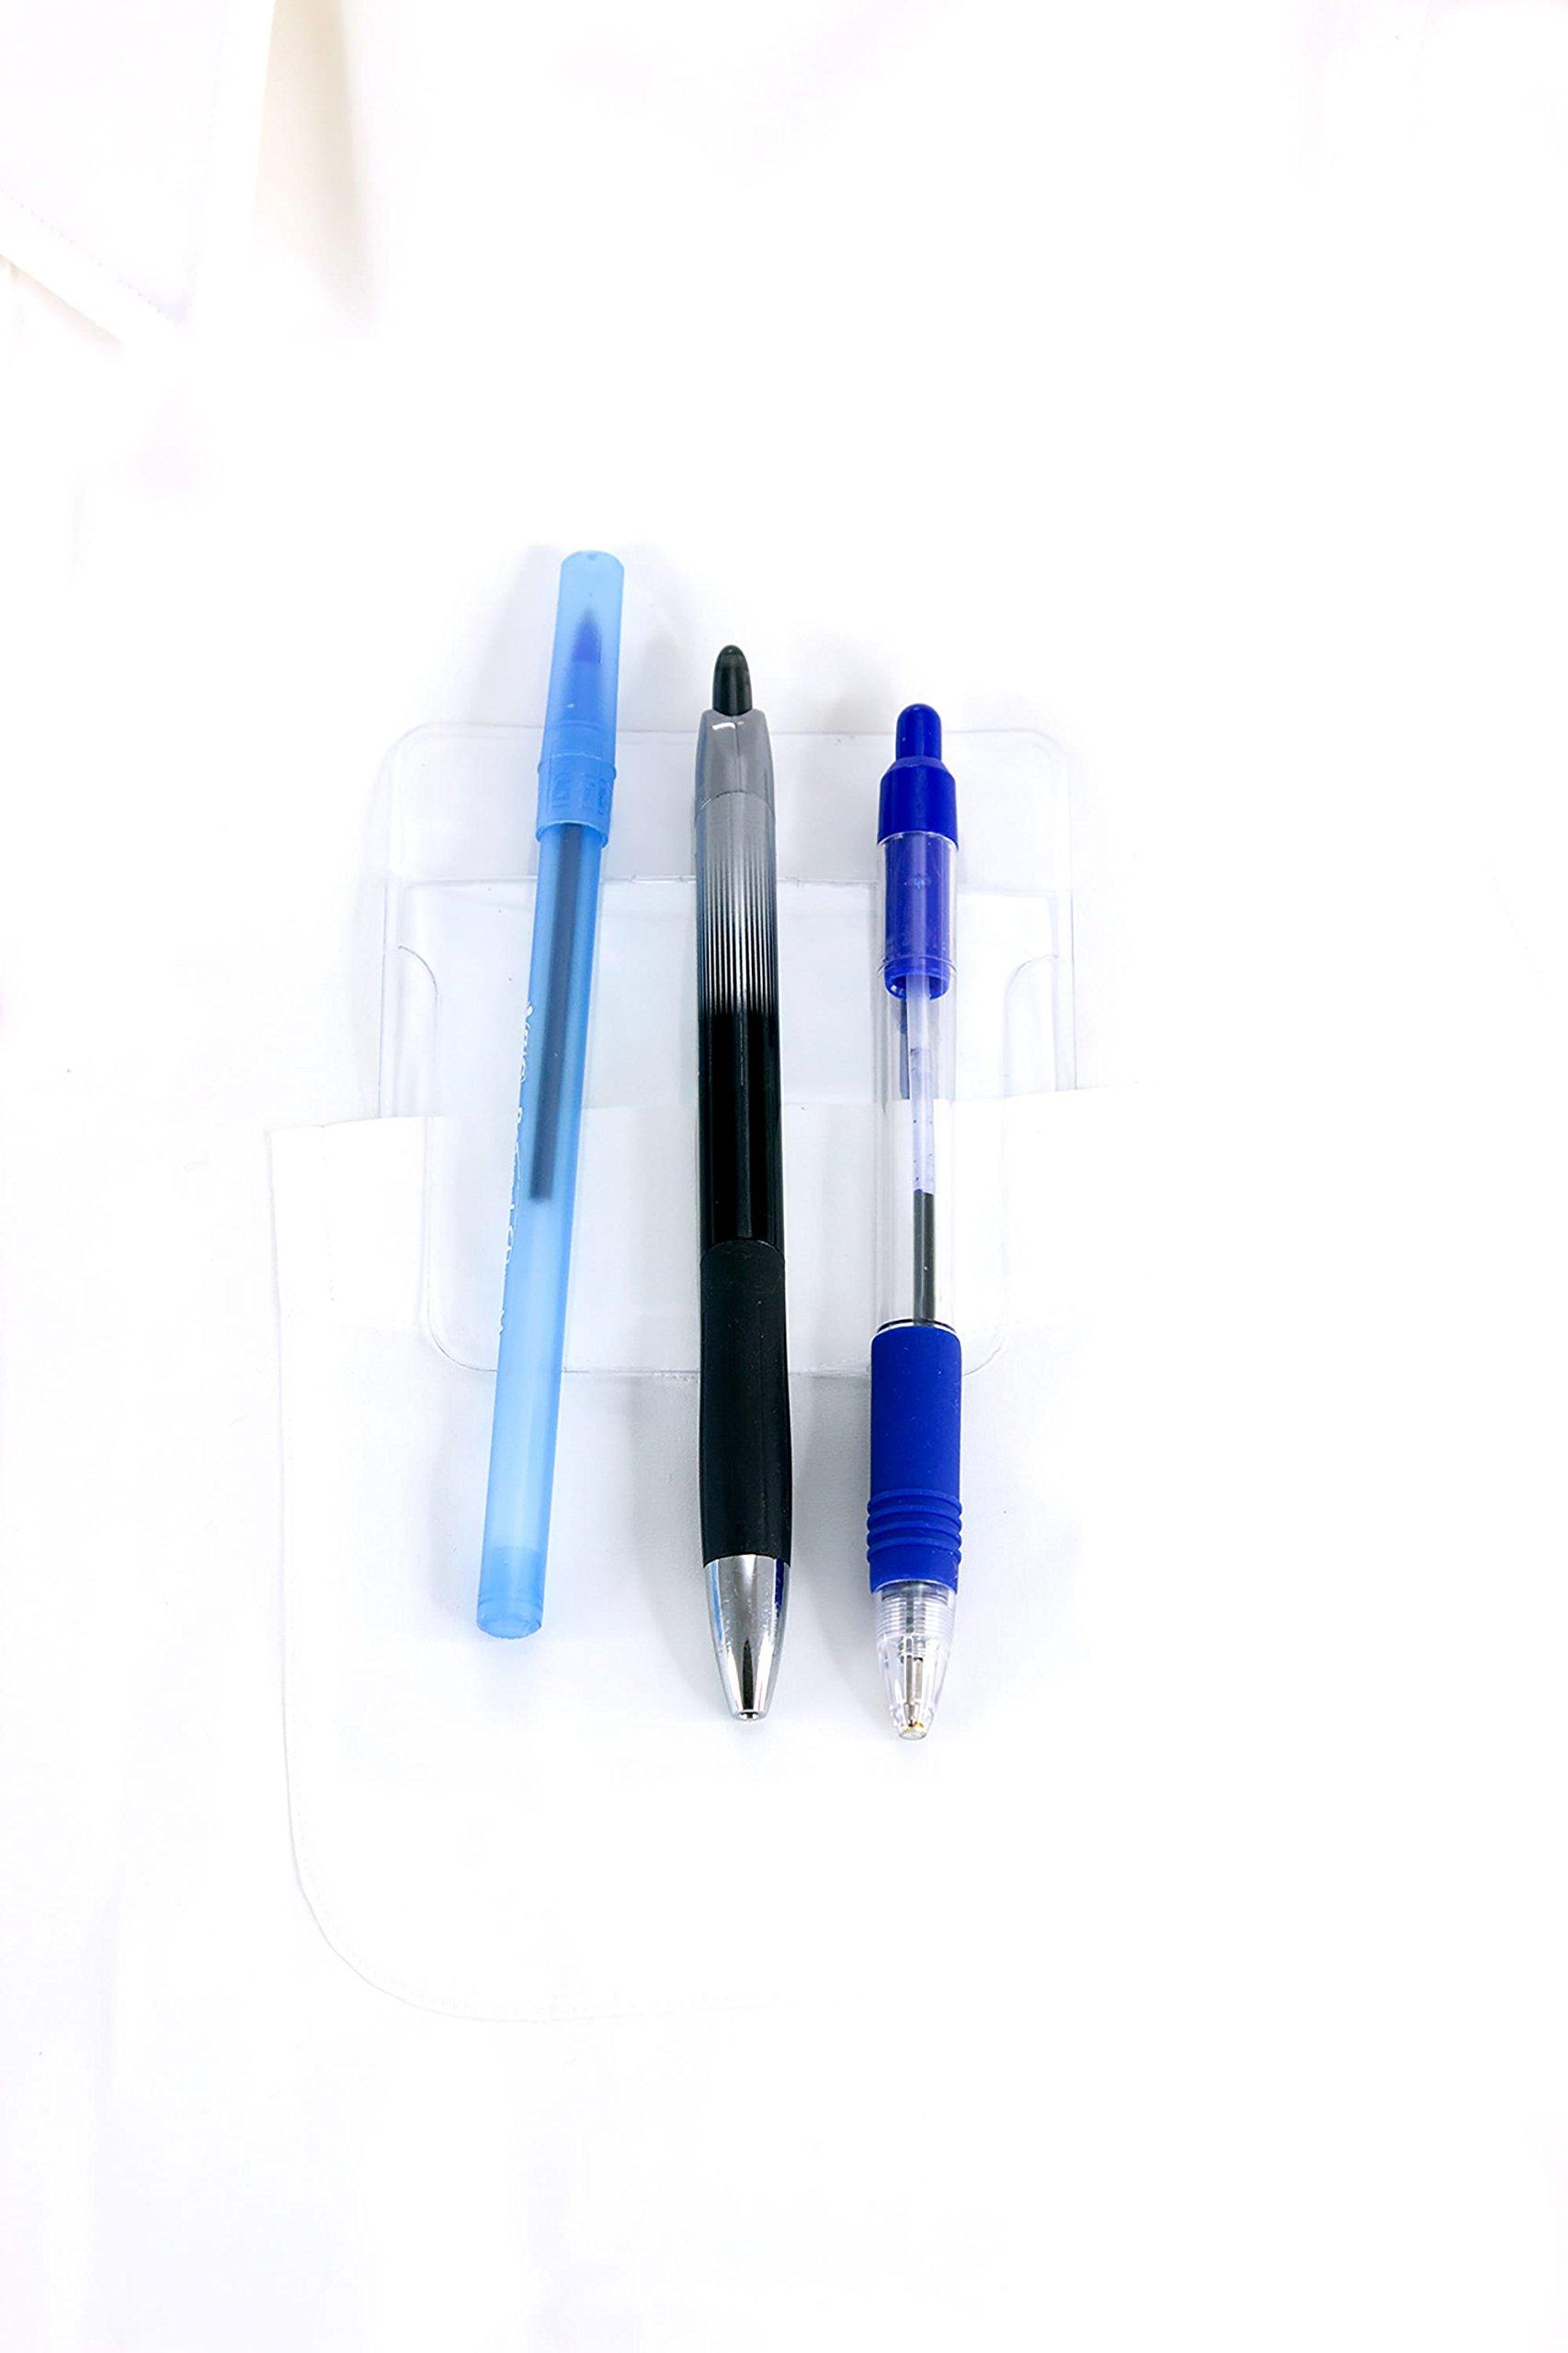 Baumgartens Pocket Protectors Clear (Pack of 48) (46502) by Baumgartens (Image #2)